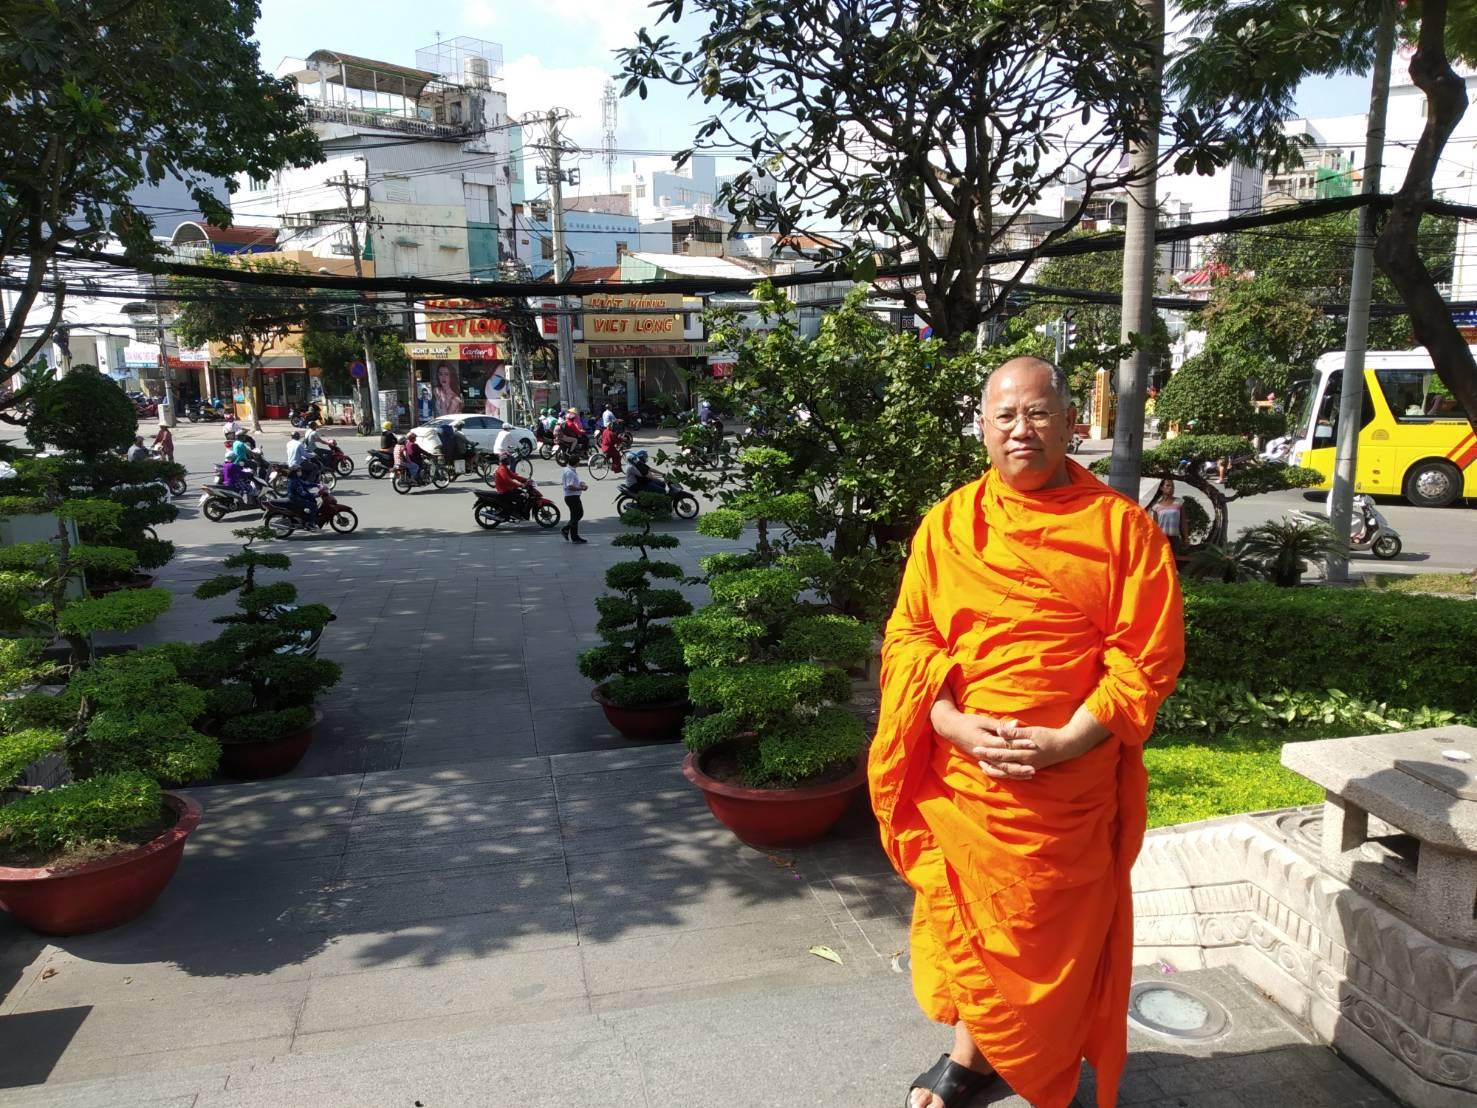 มจร เยี่ยมชมวัดเมืองโฮจิมินห์ เวียดนาม 1